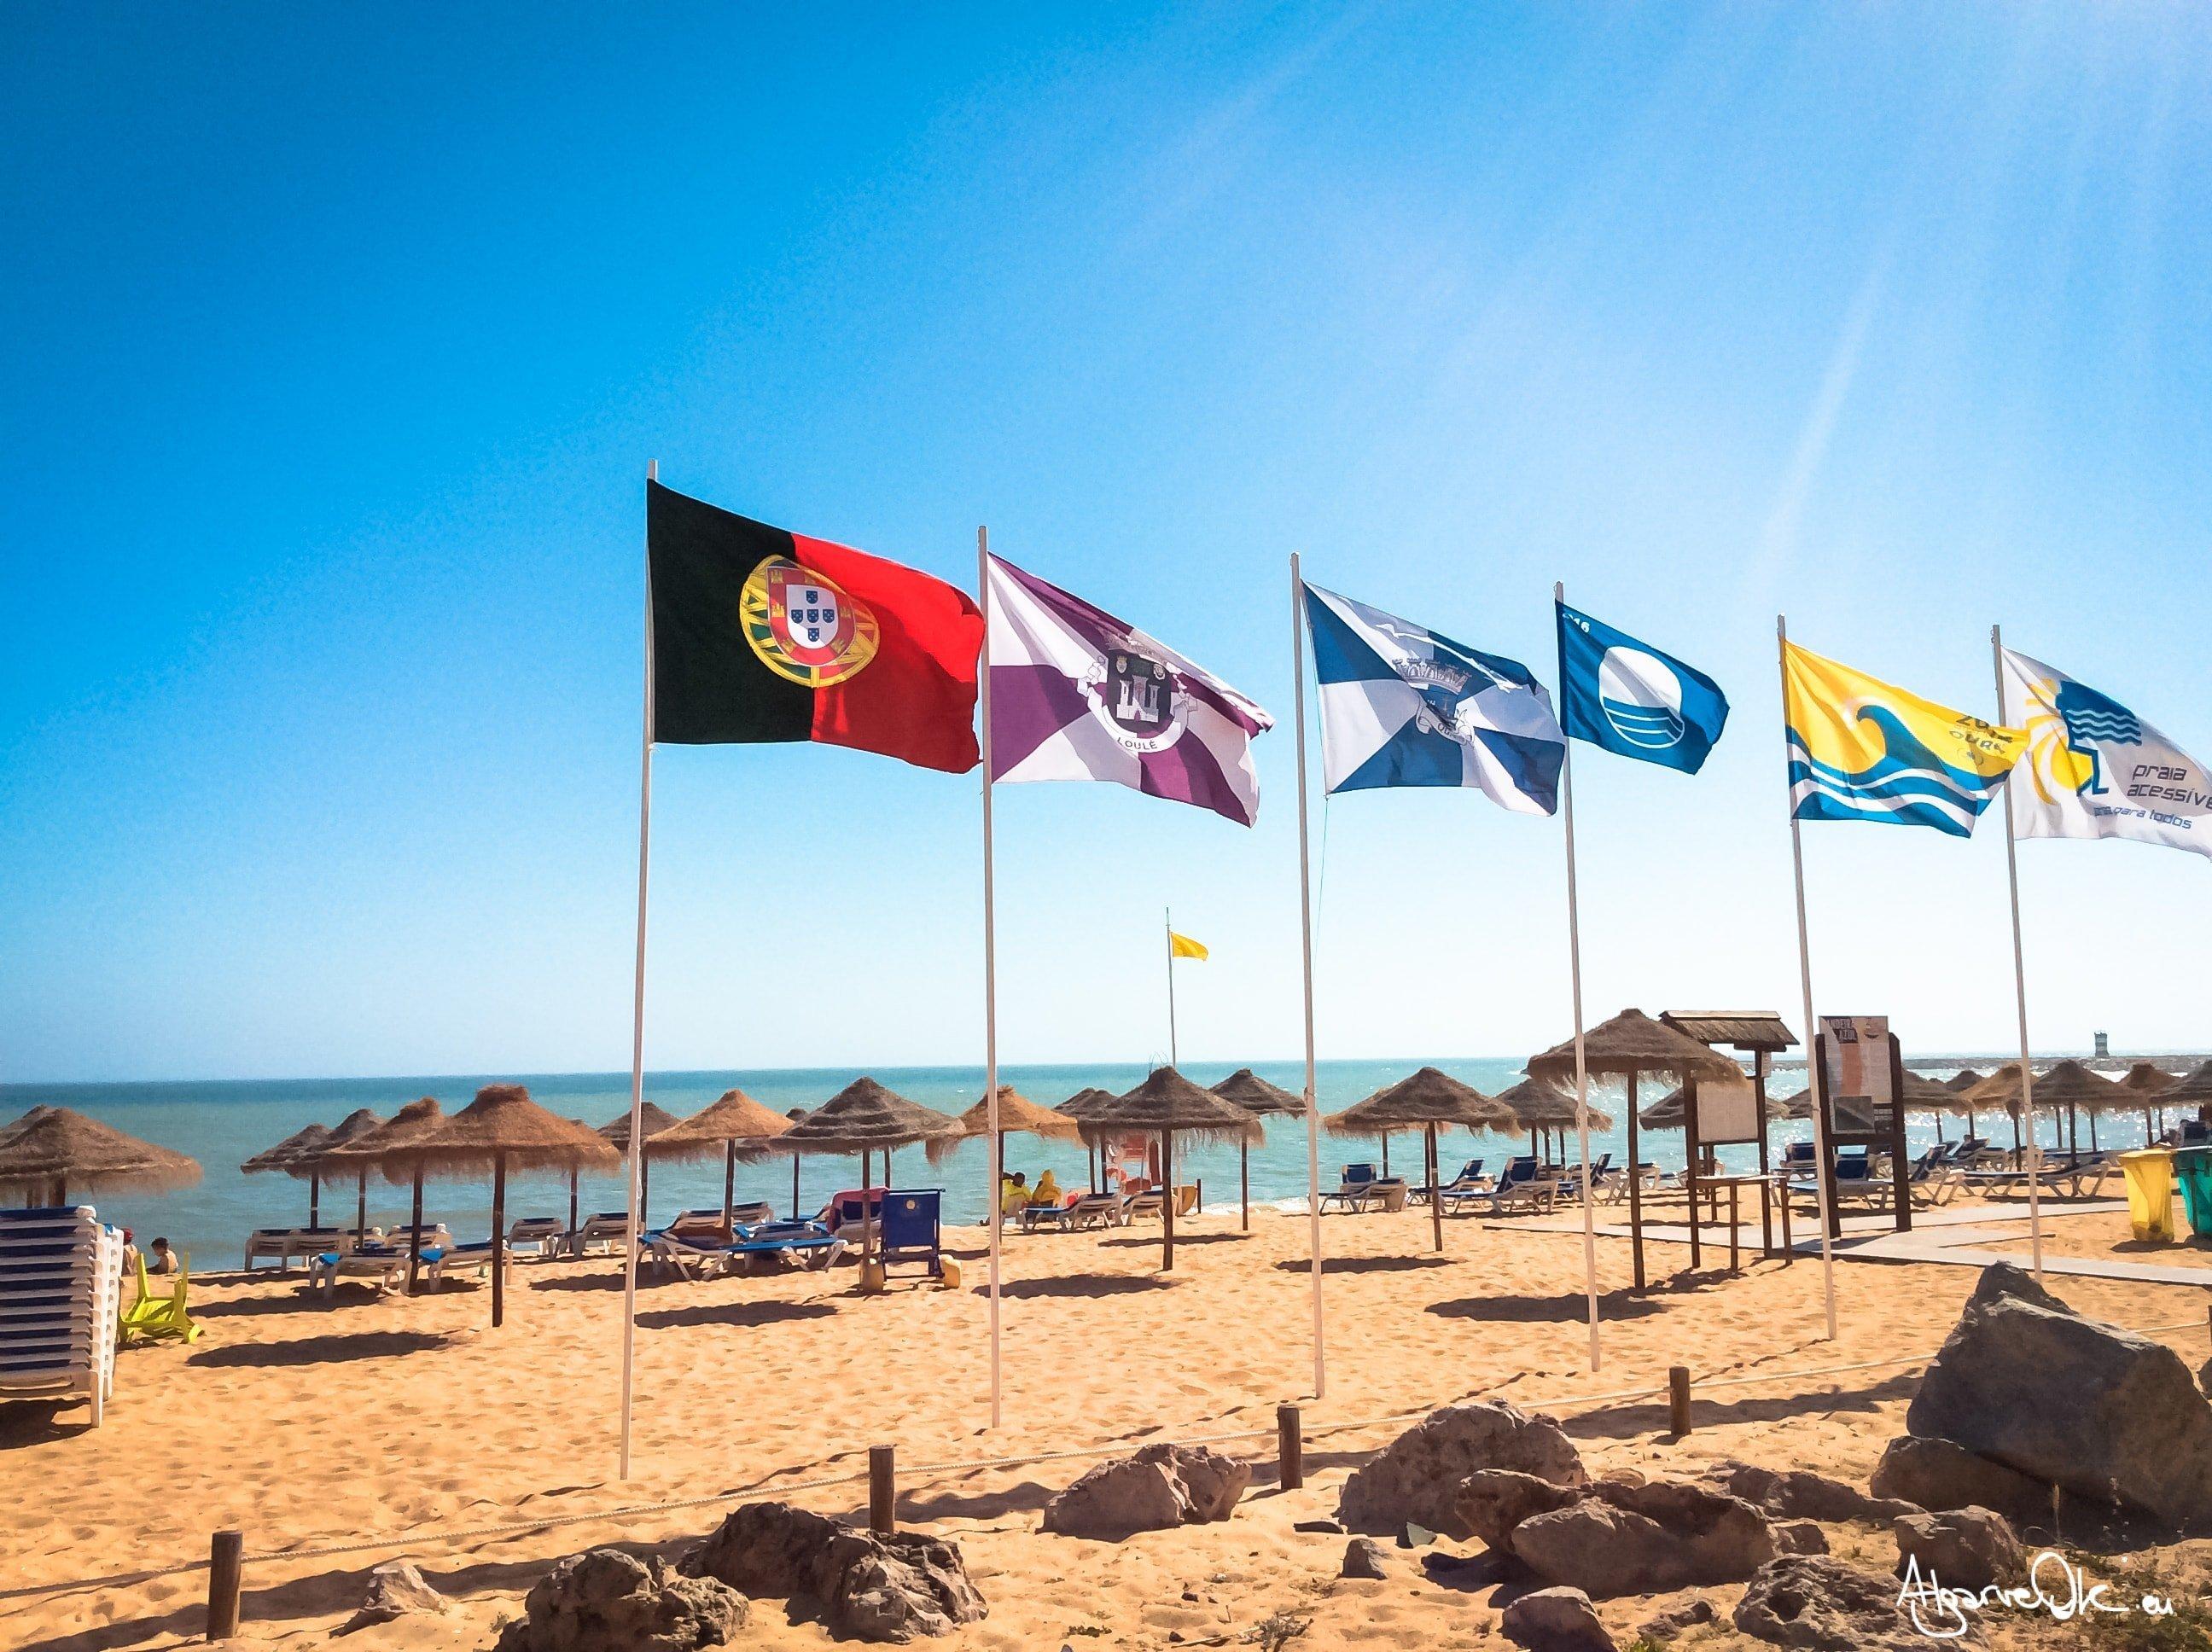 Vacanza a Quarteira: Spiaggia Bandiere Quarteira Algarve Portogallo